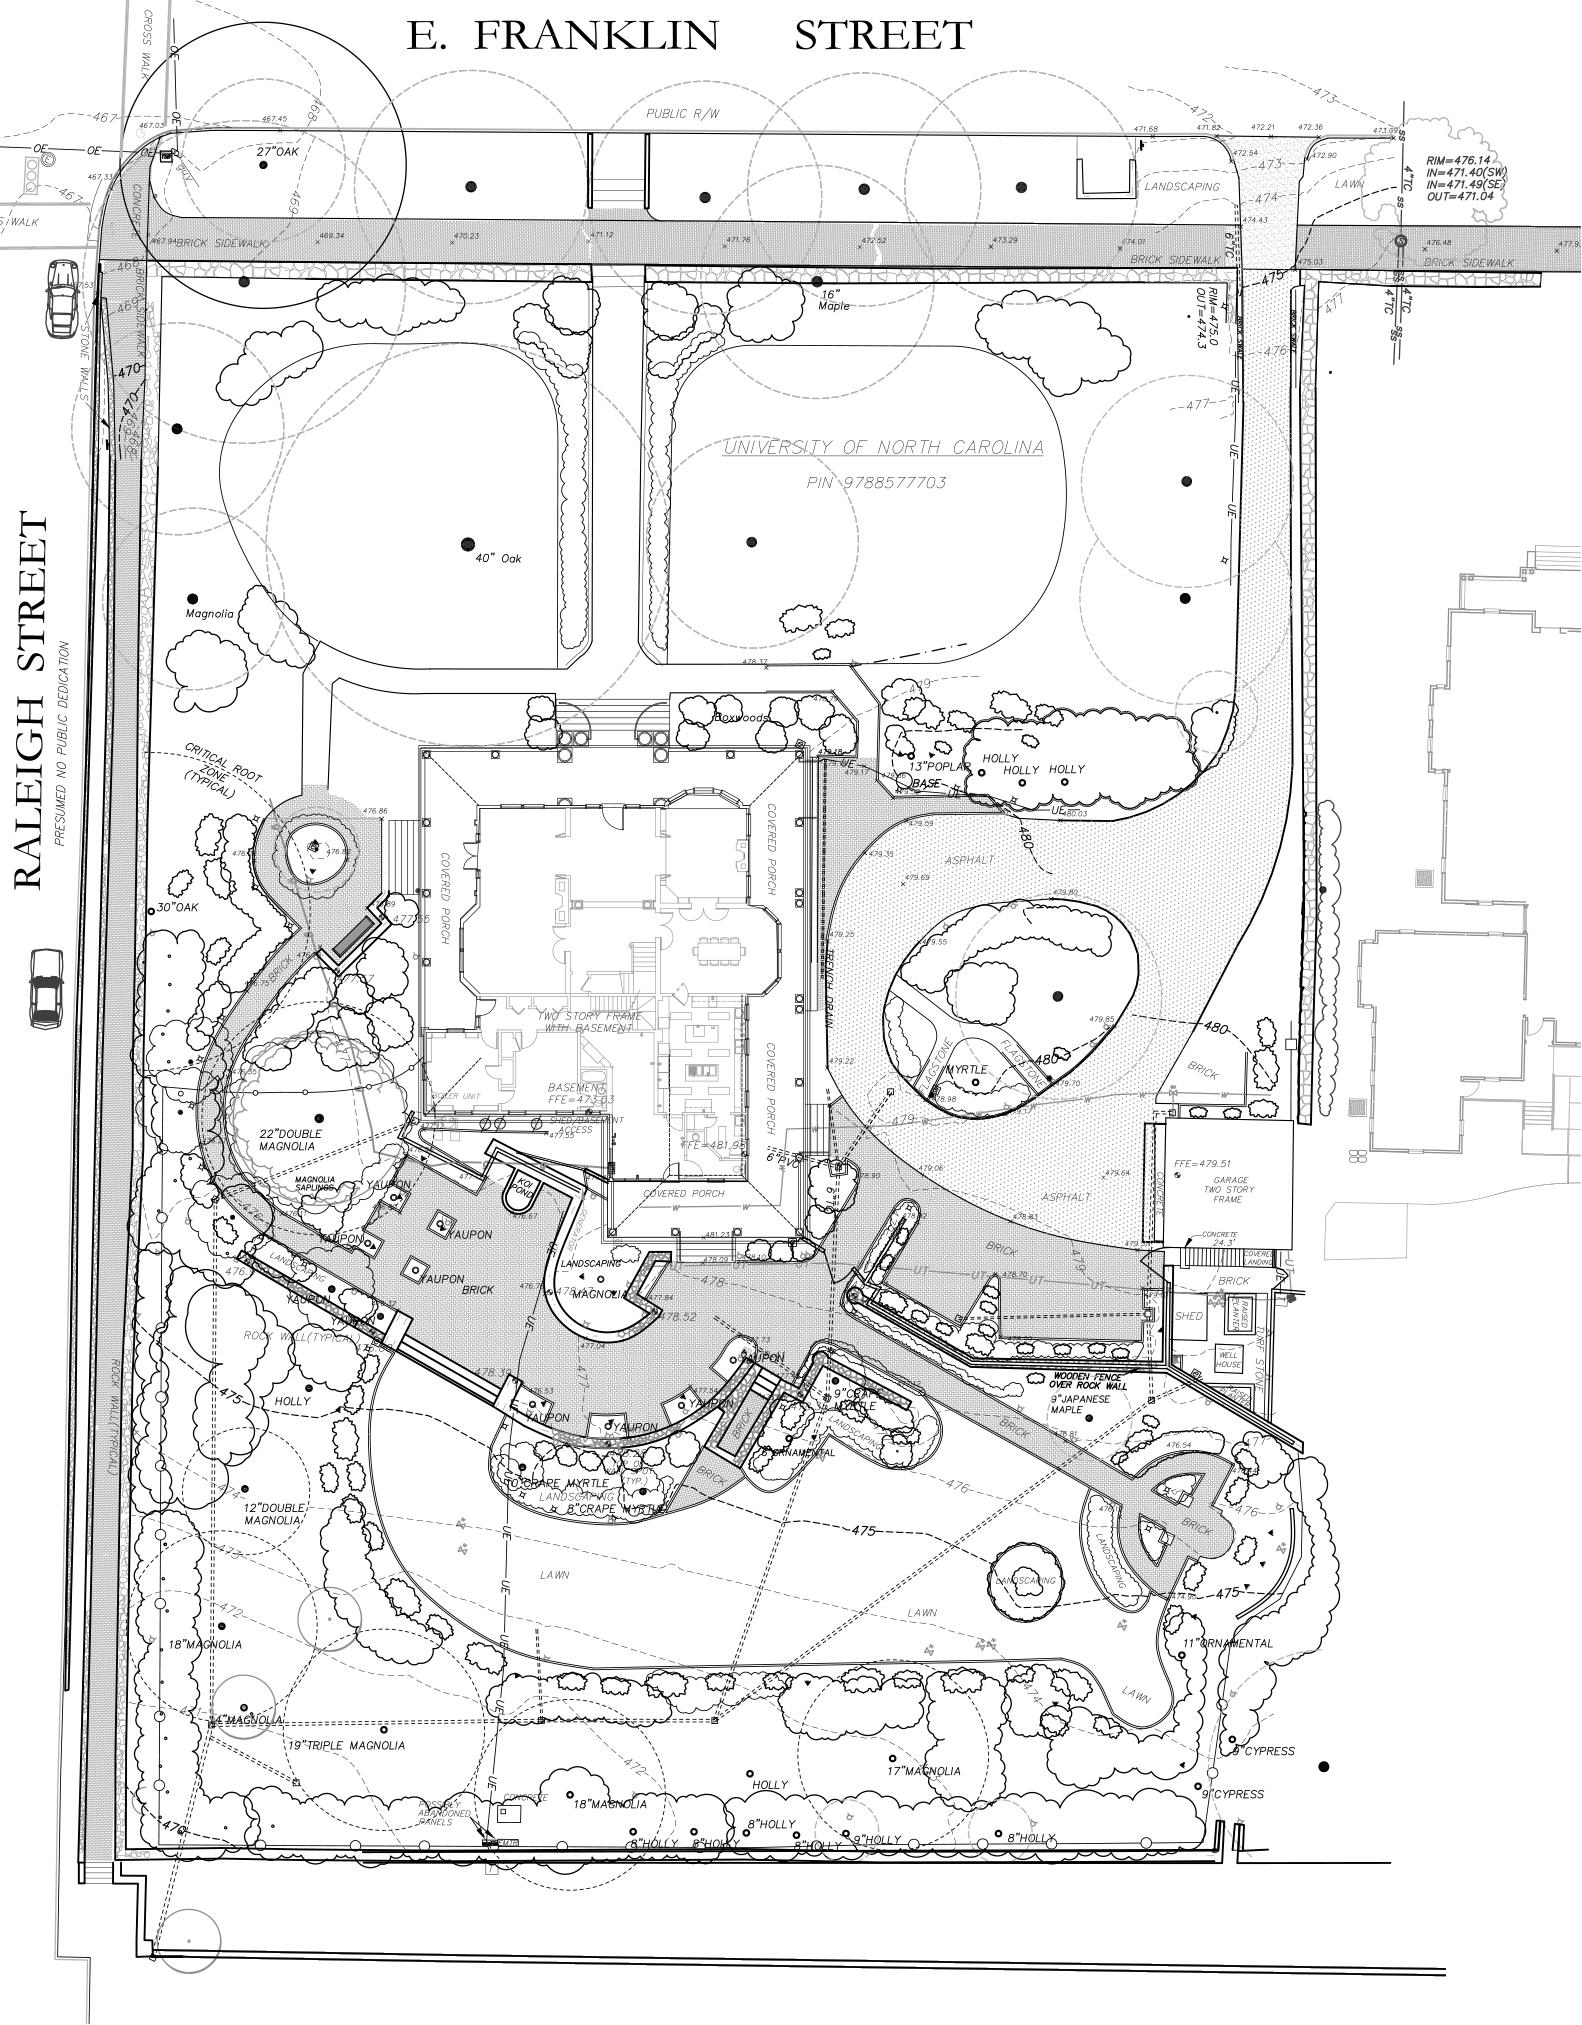 Jardin classique vs extension architecturale paysagiste Clermont-Ferrand 4